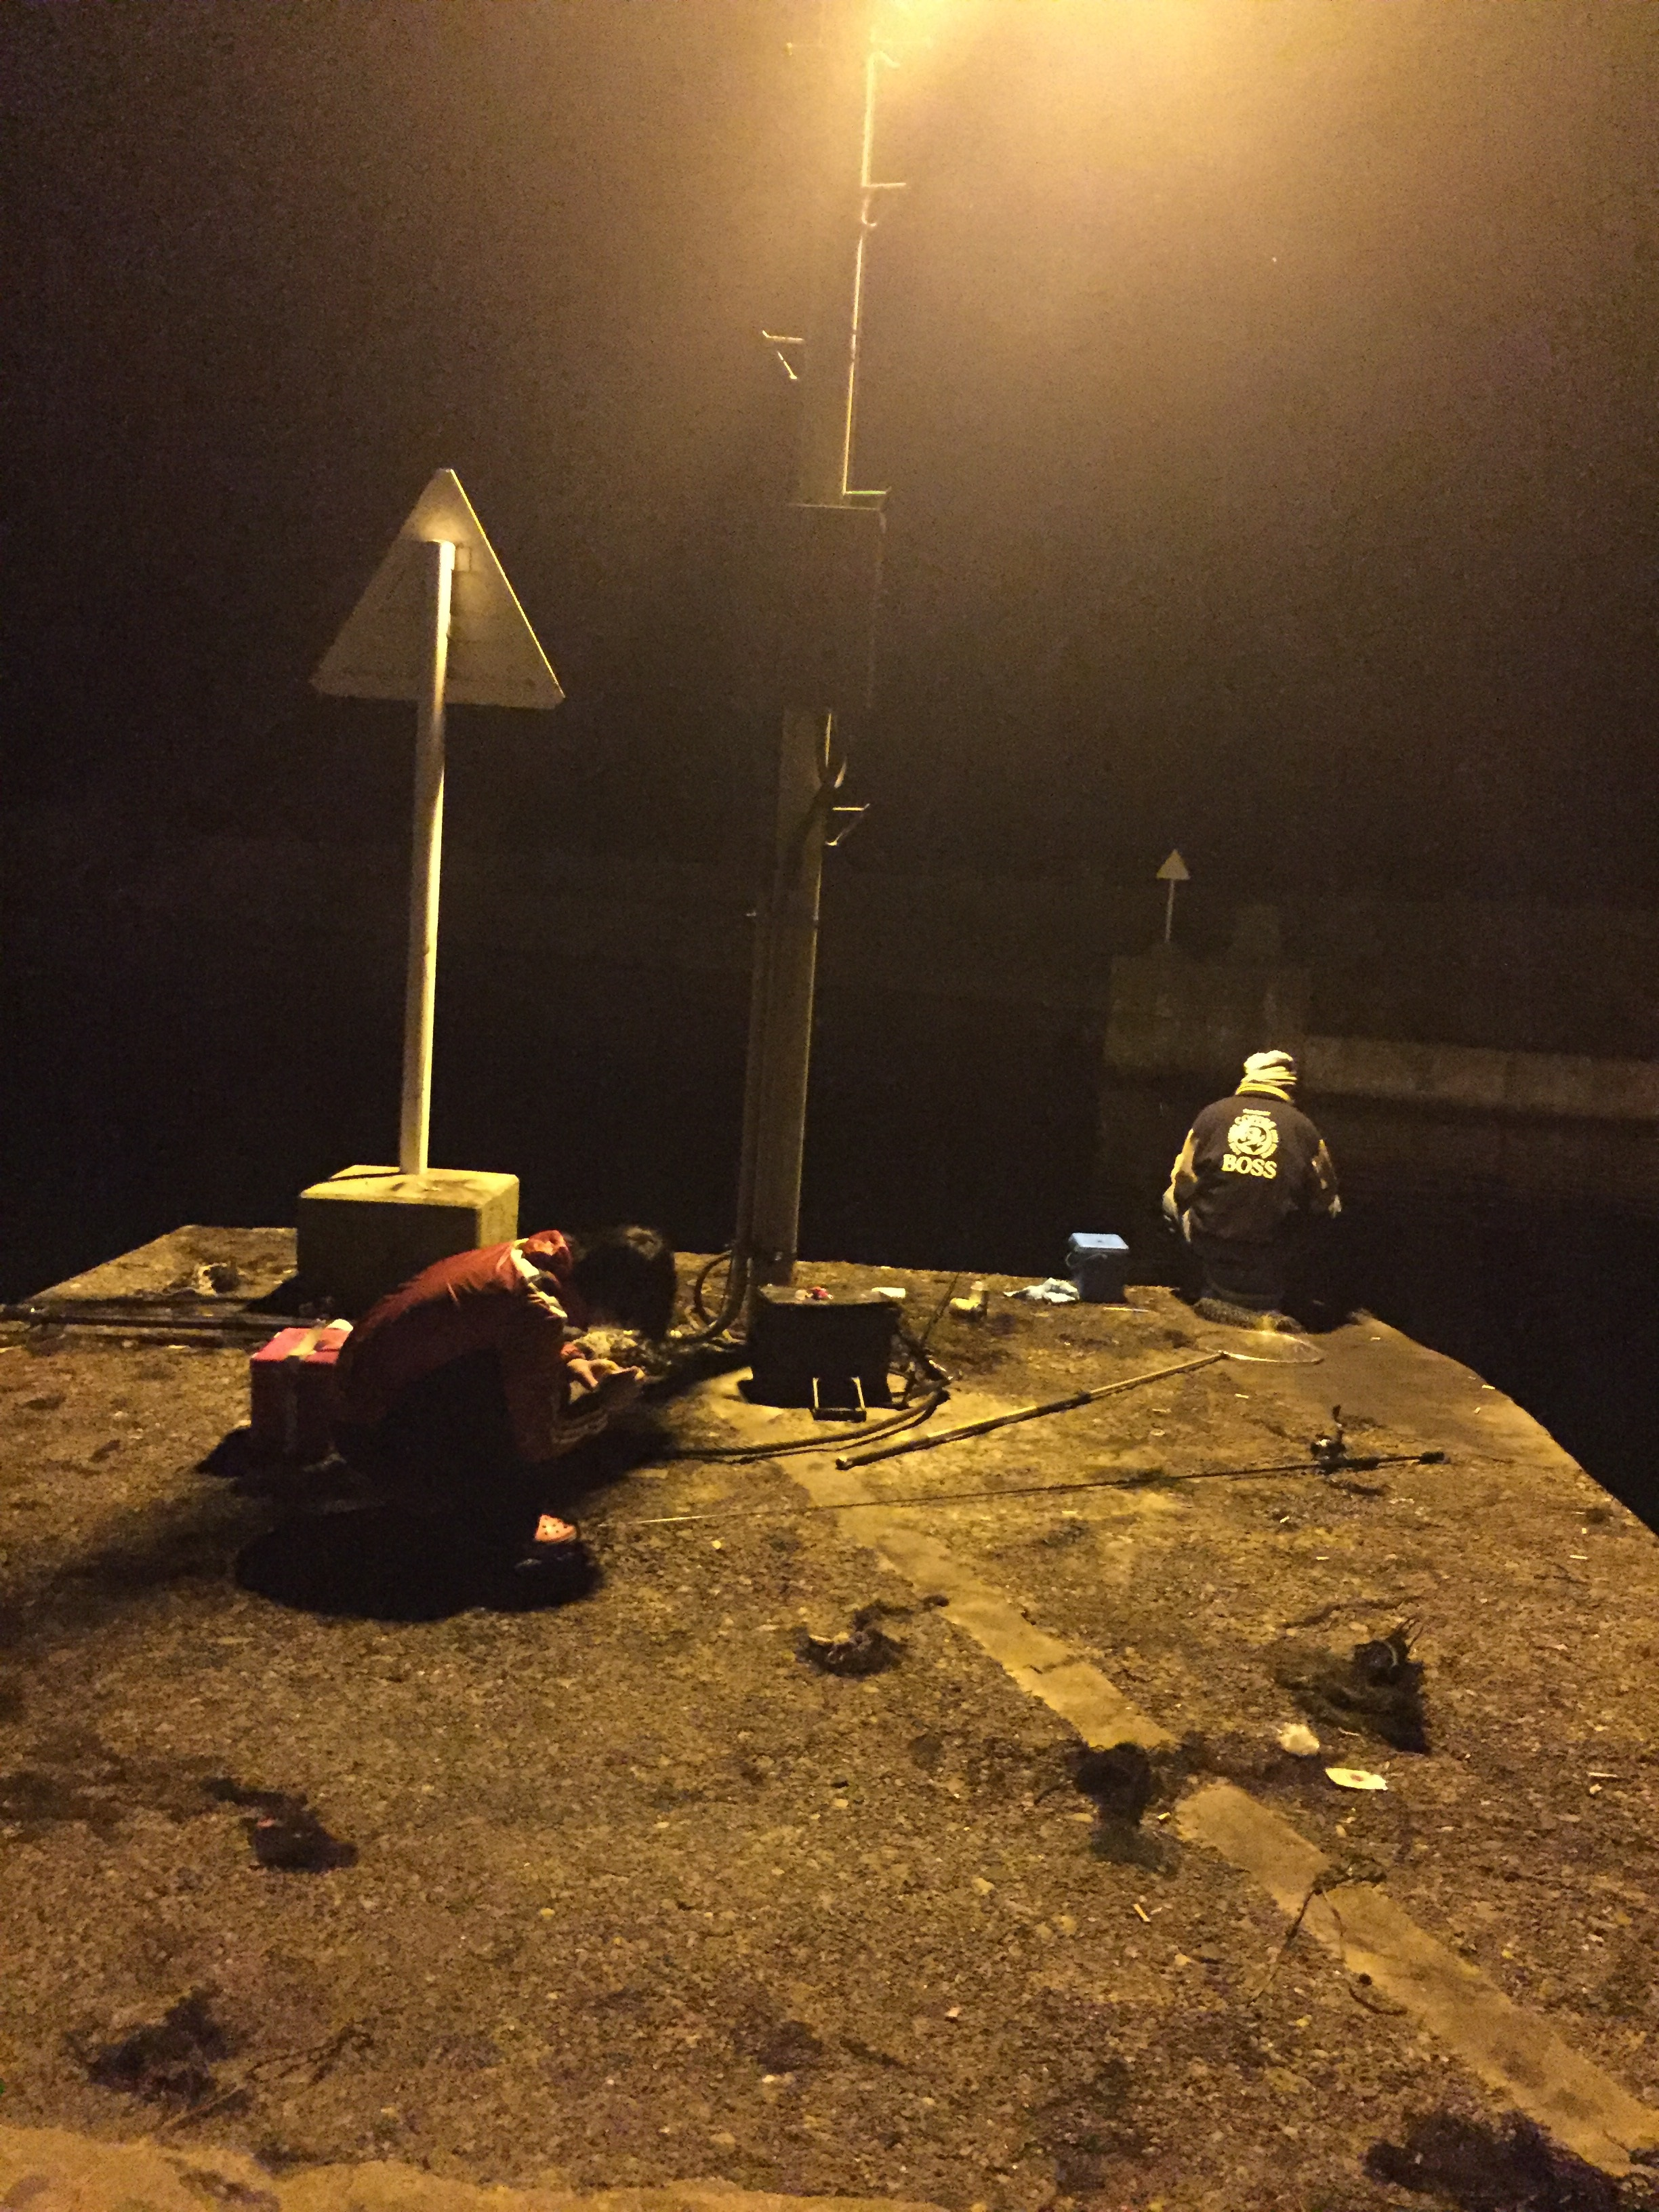 中浜漁港の釣り場紹介、京都丹後のナイトエギングに超オススメの常夜灯のある漁港